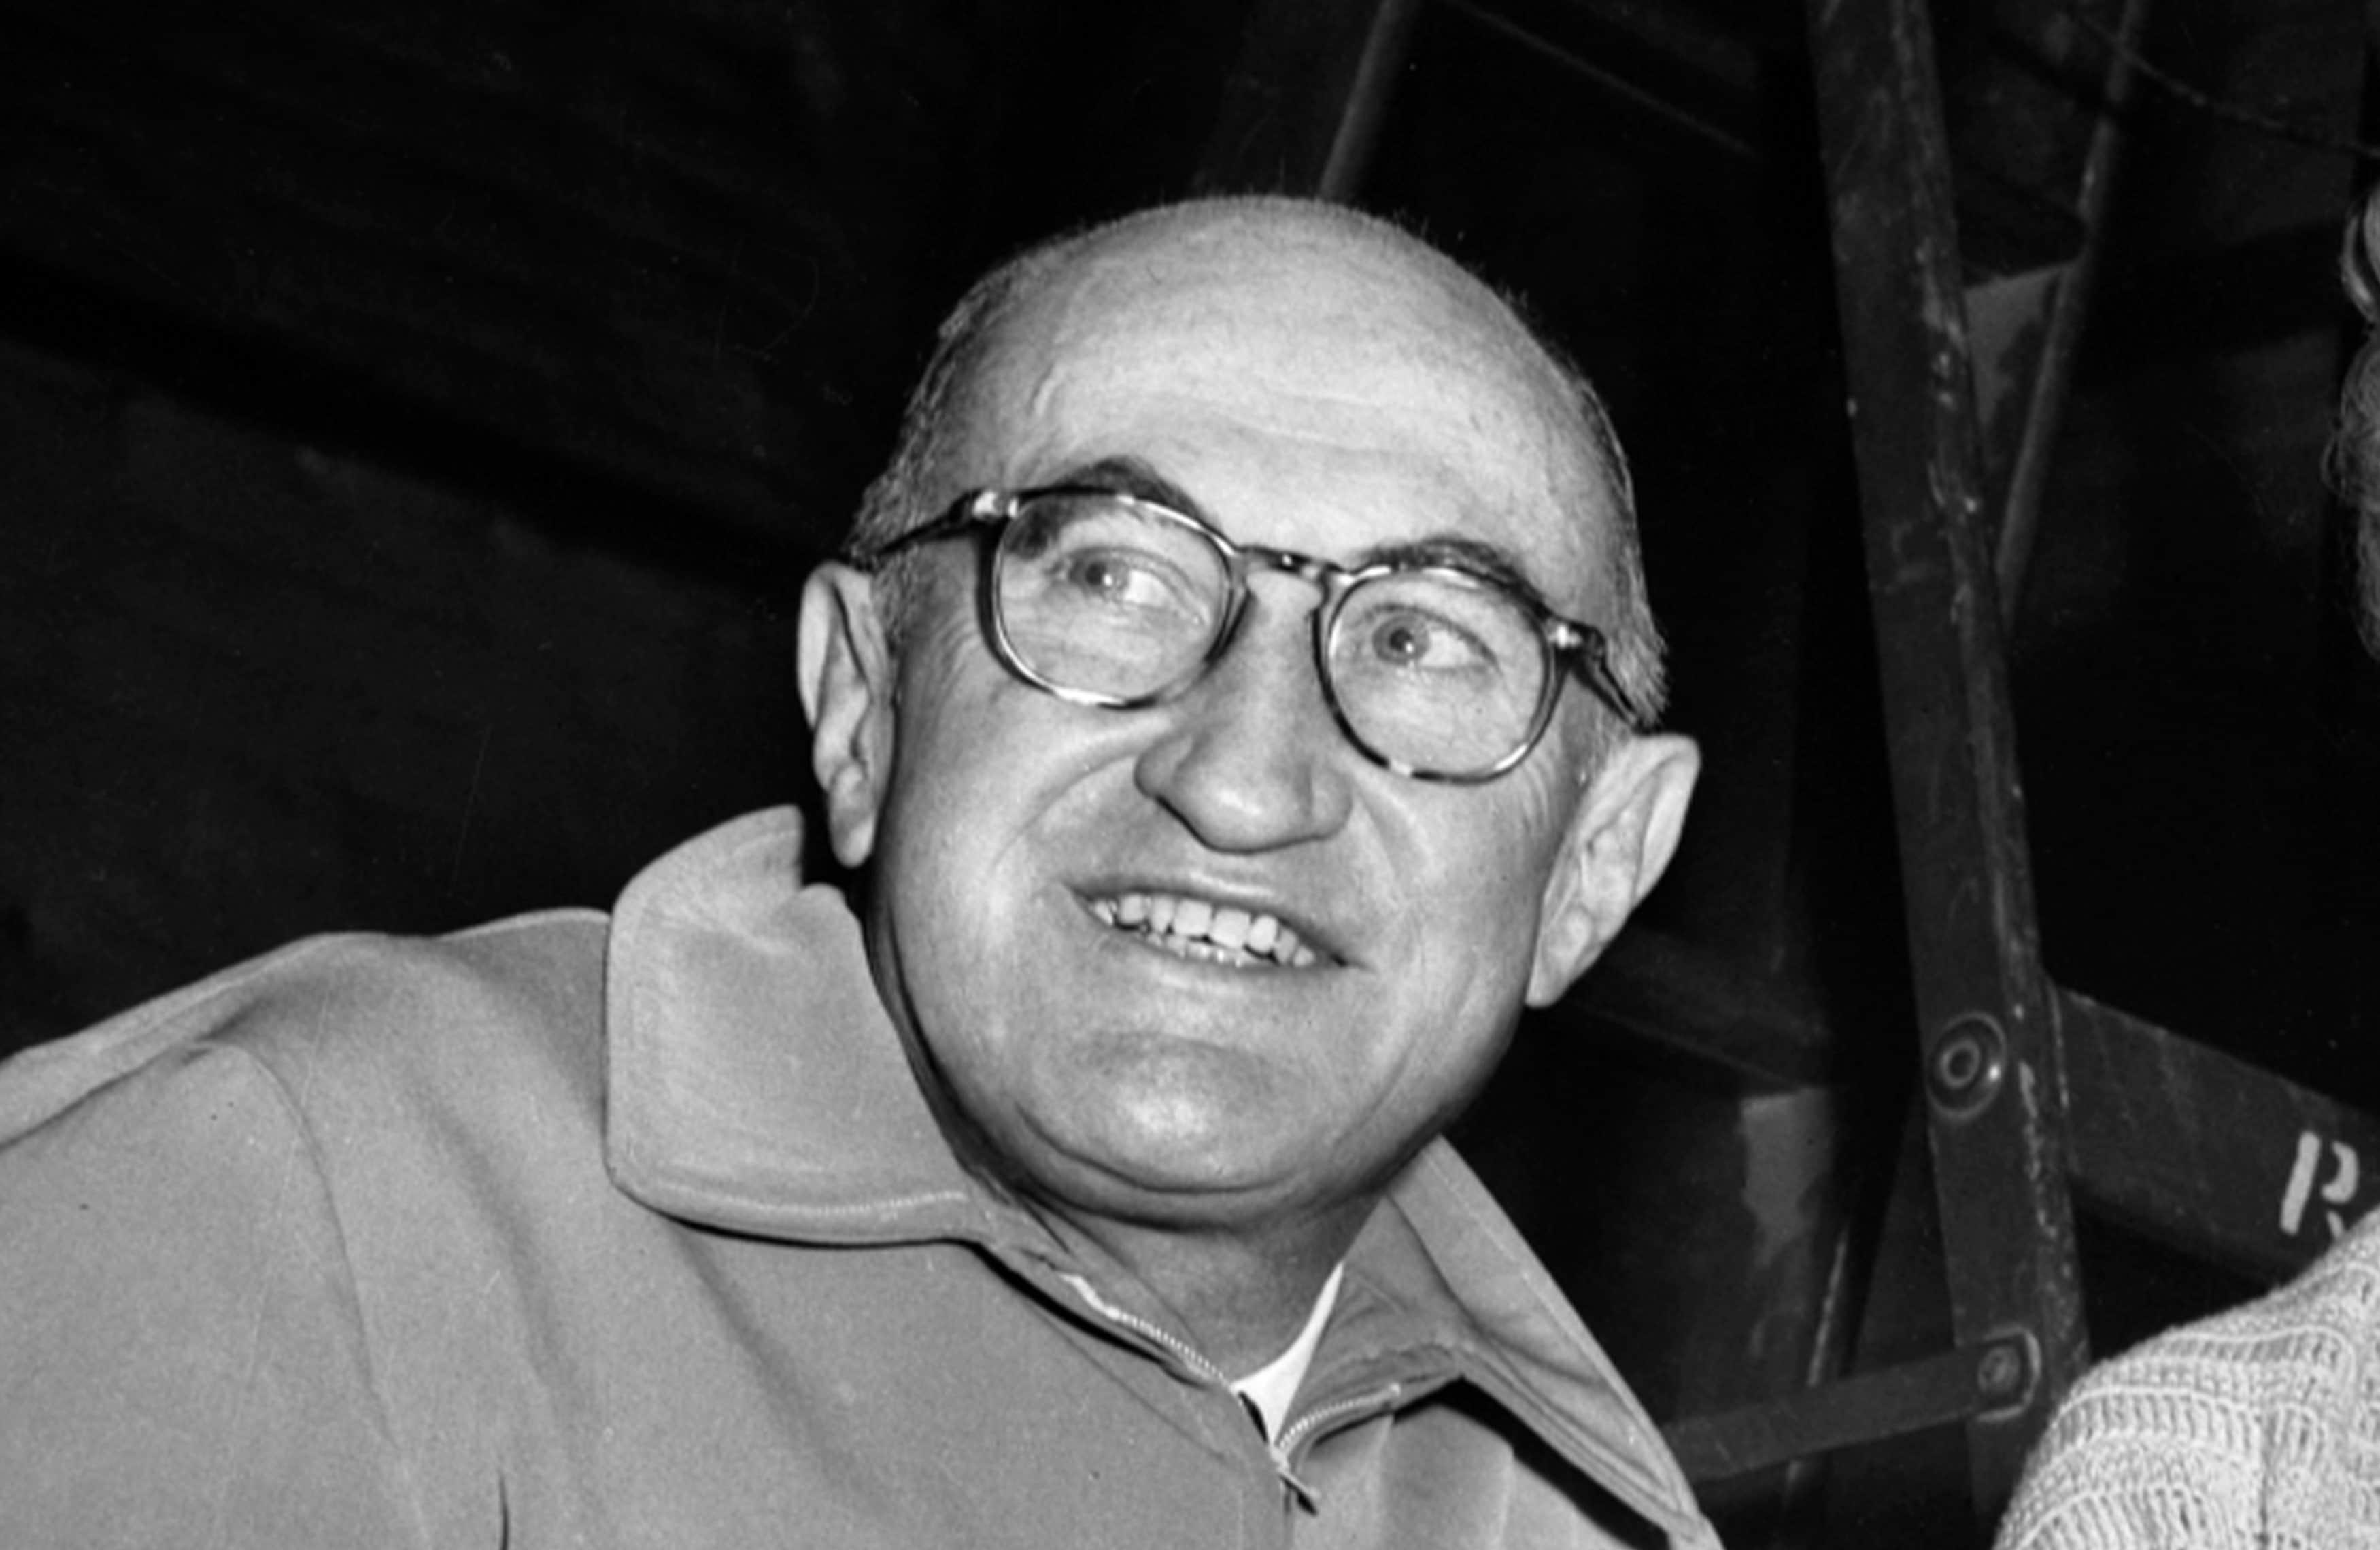 Alfred Werker